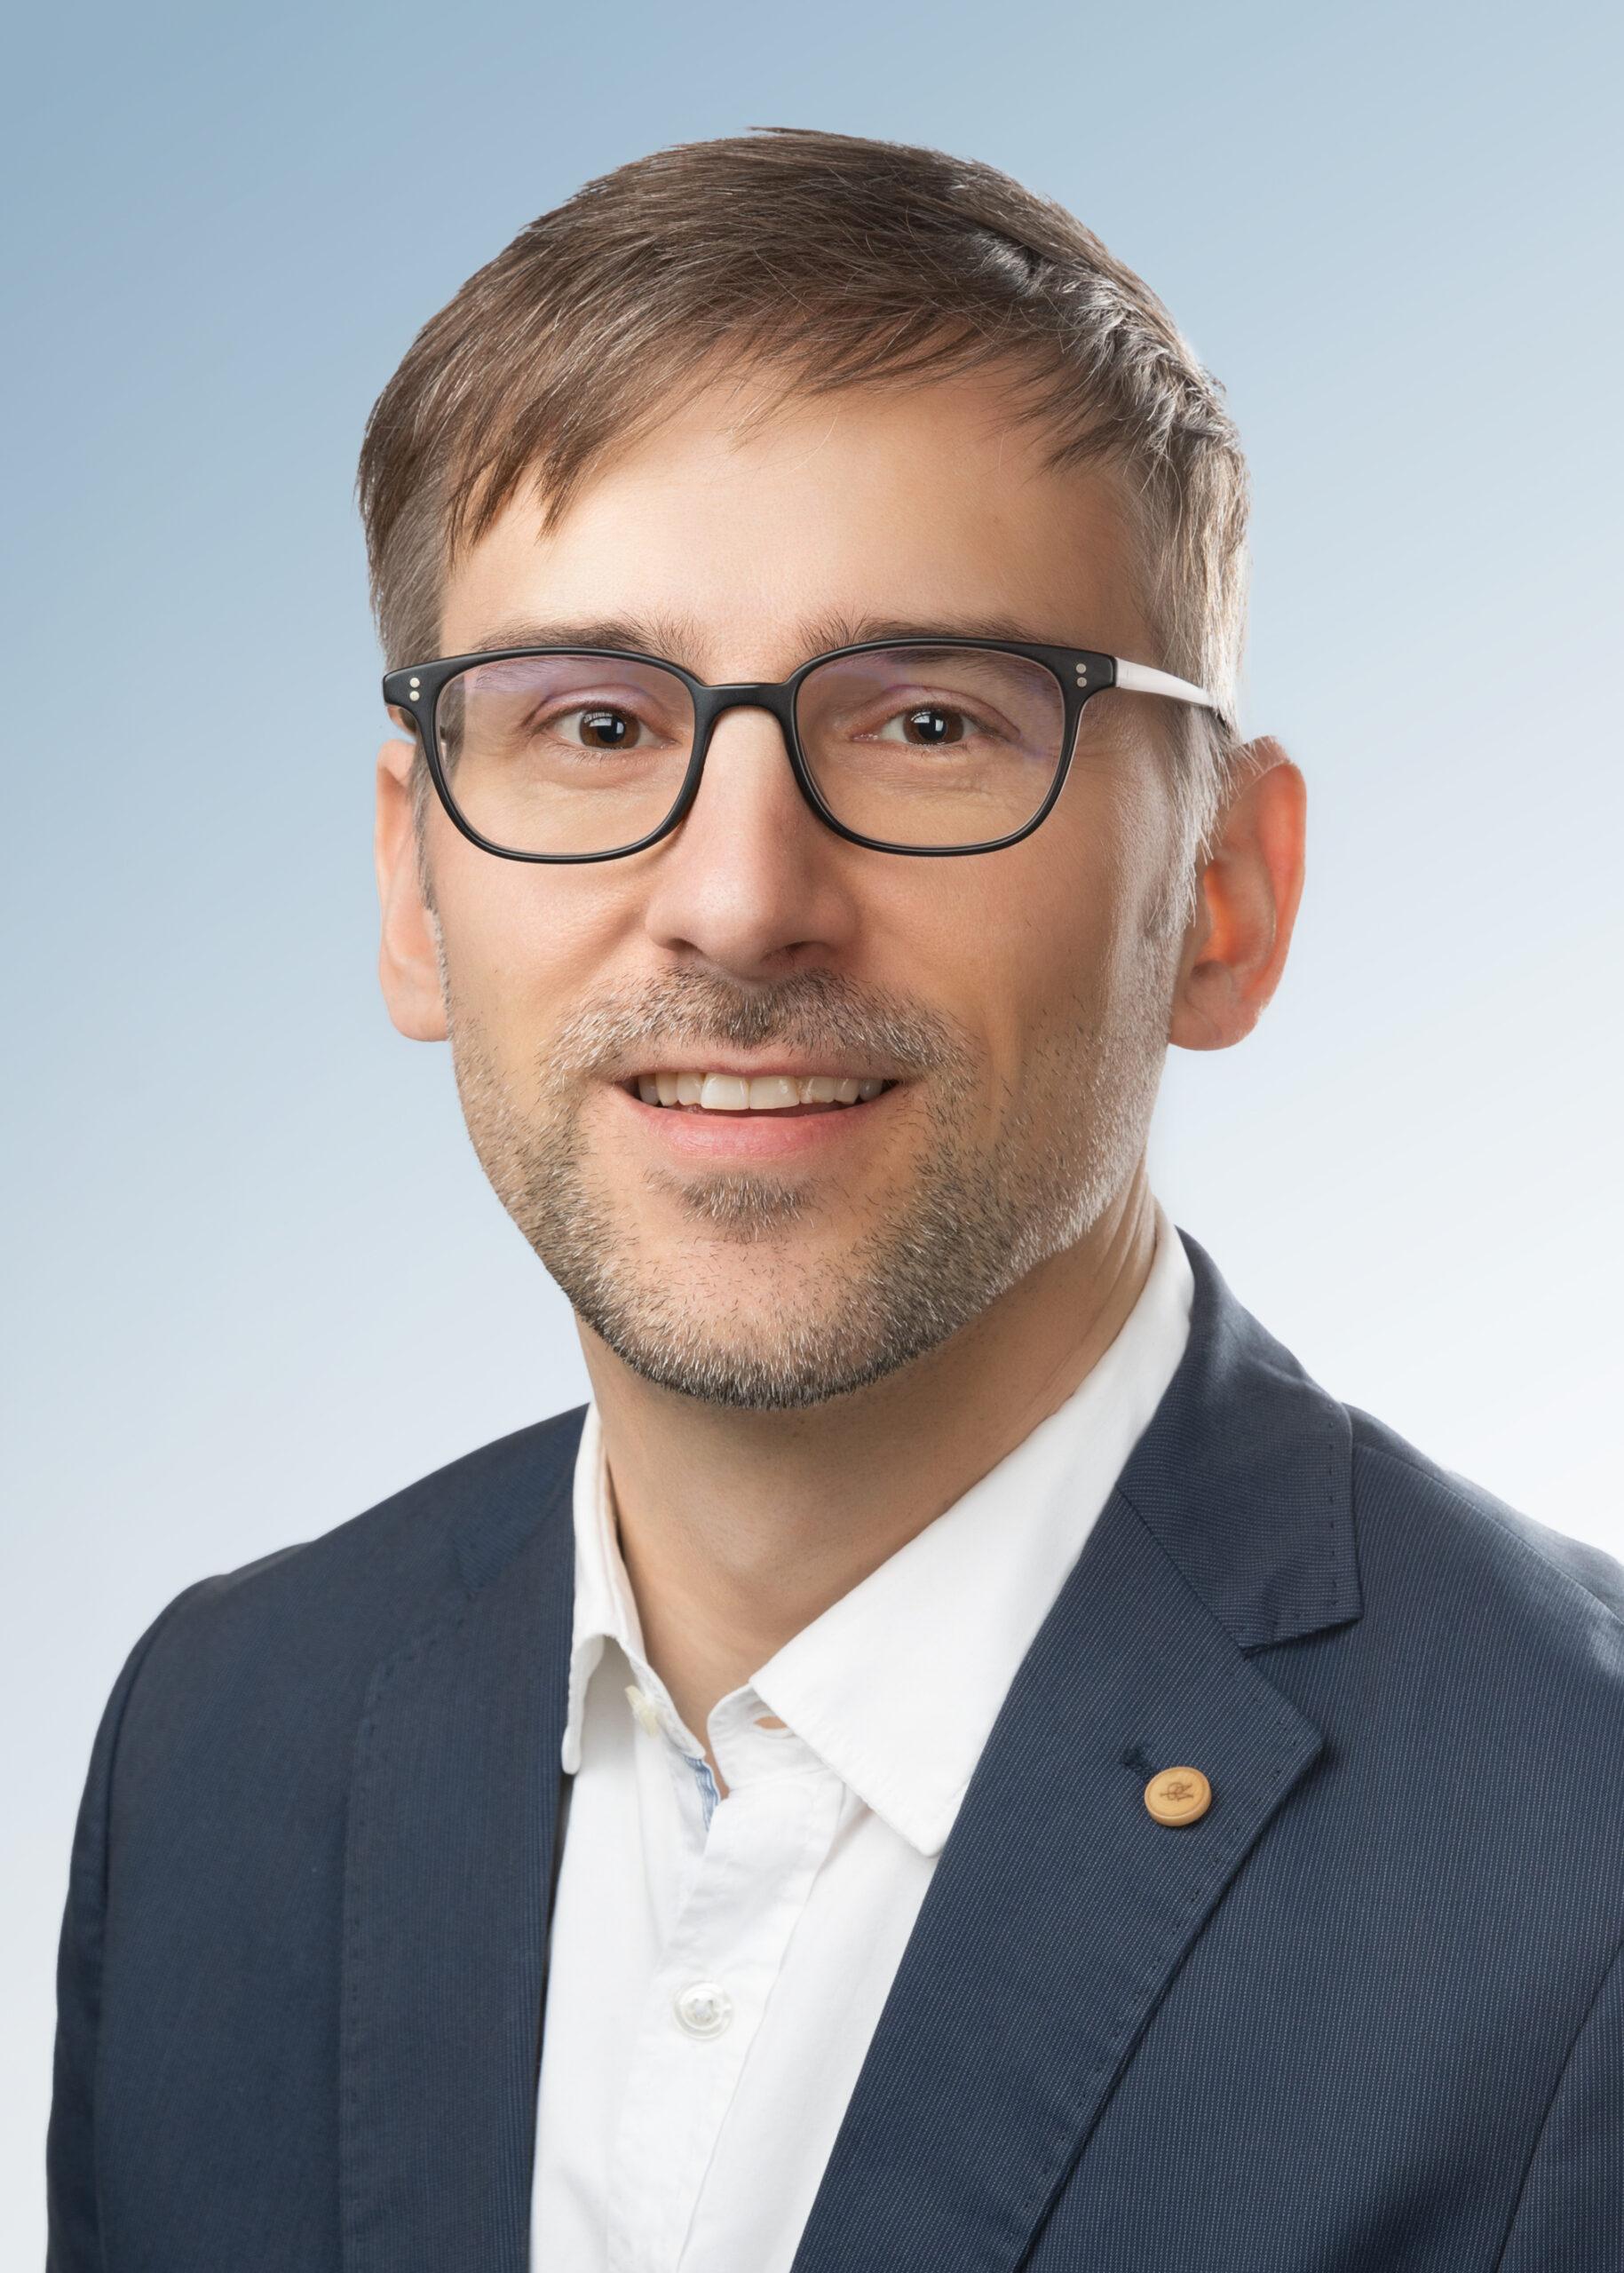 Simon Seitz, Gemeinderat im Markt Geiselwind